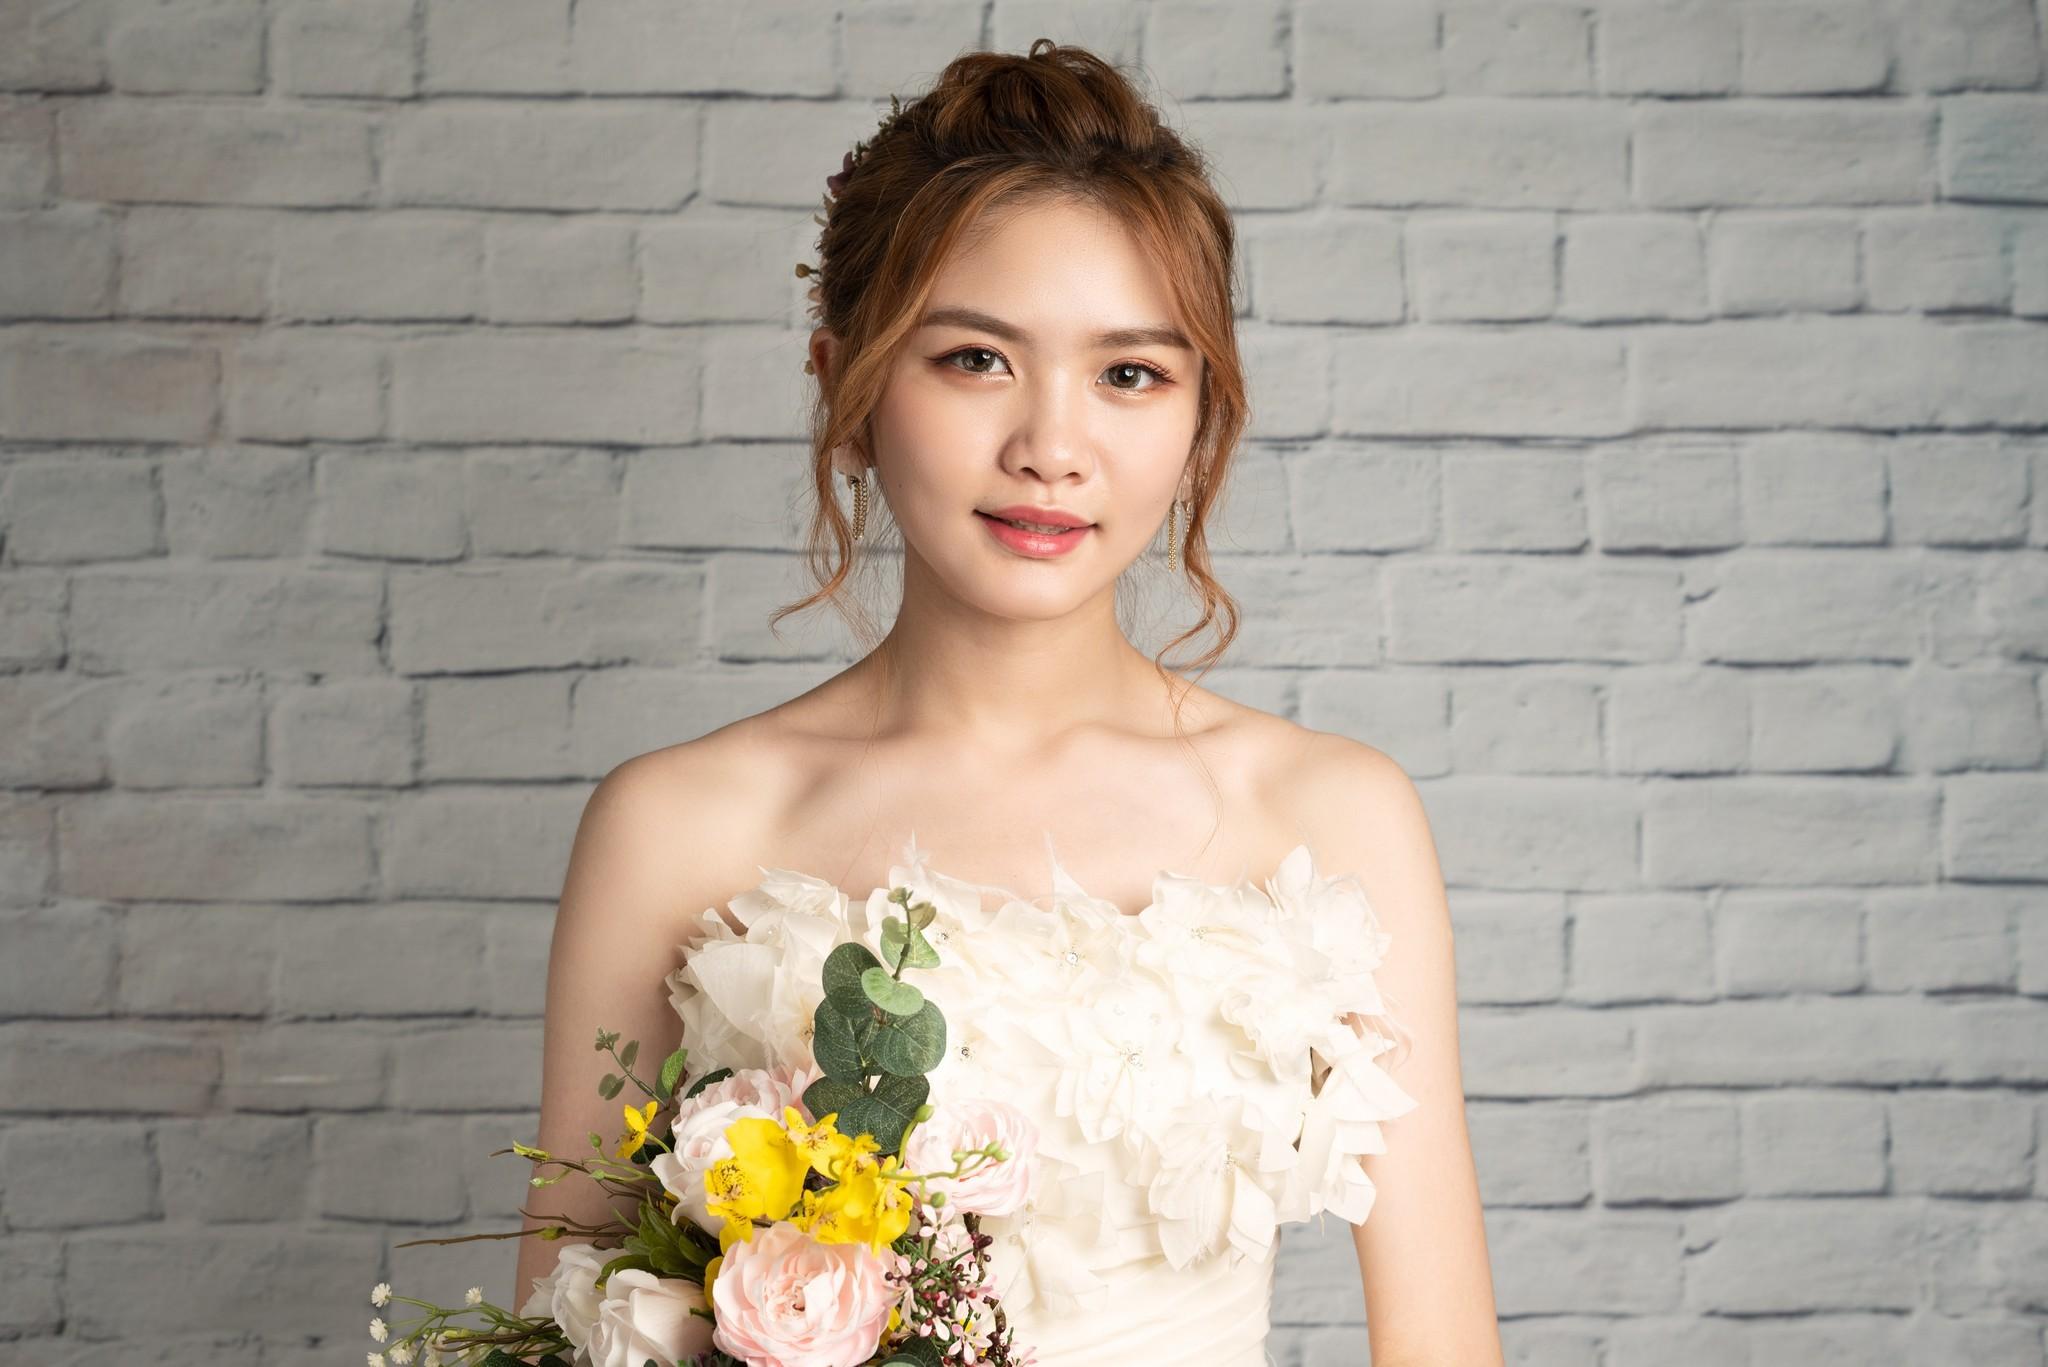 視覺行銷從用心攝影開始 新娘造型作品集